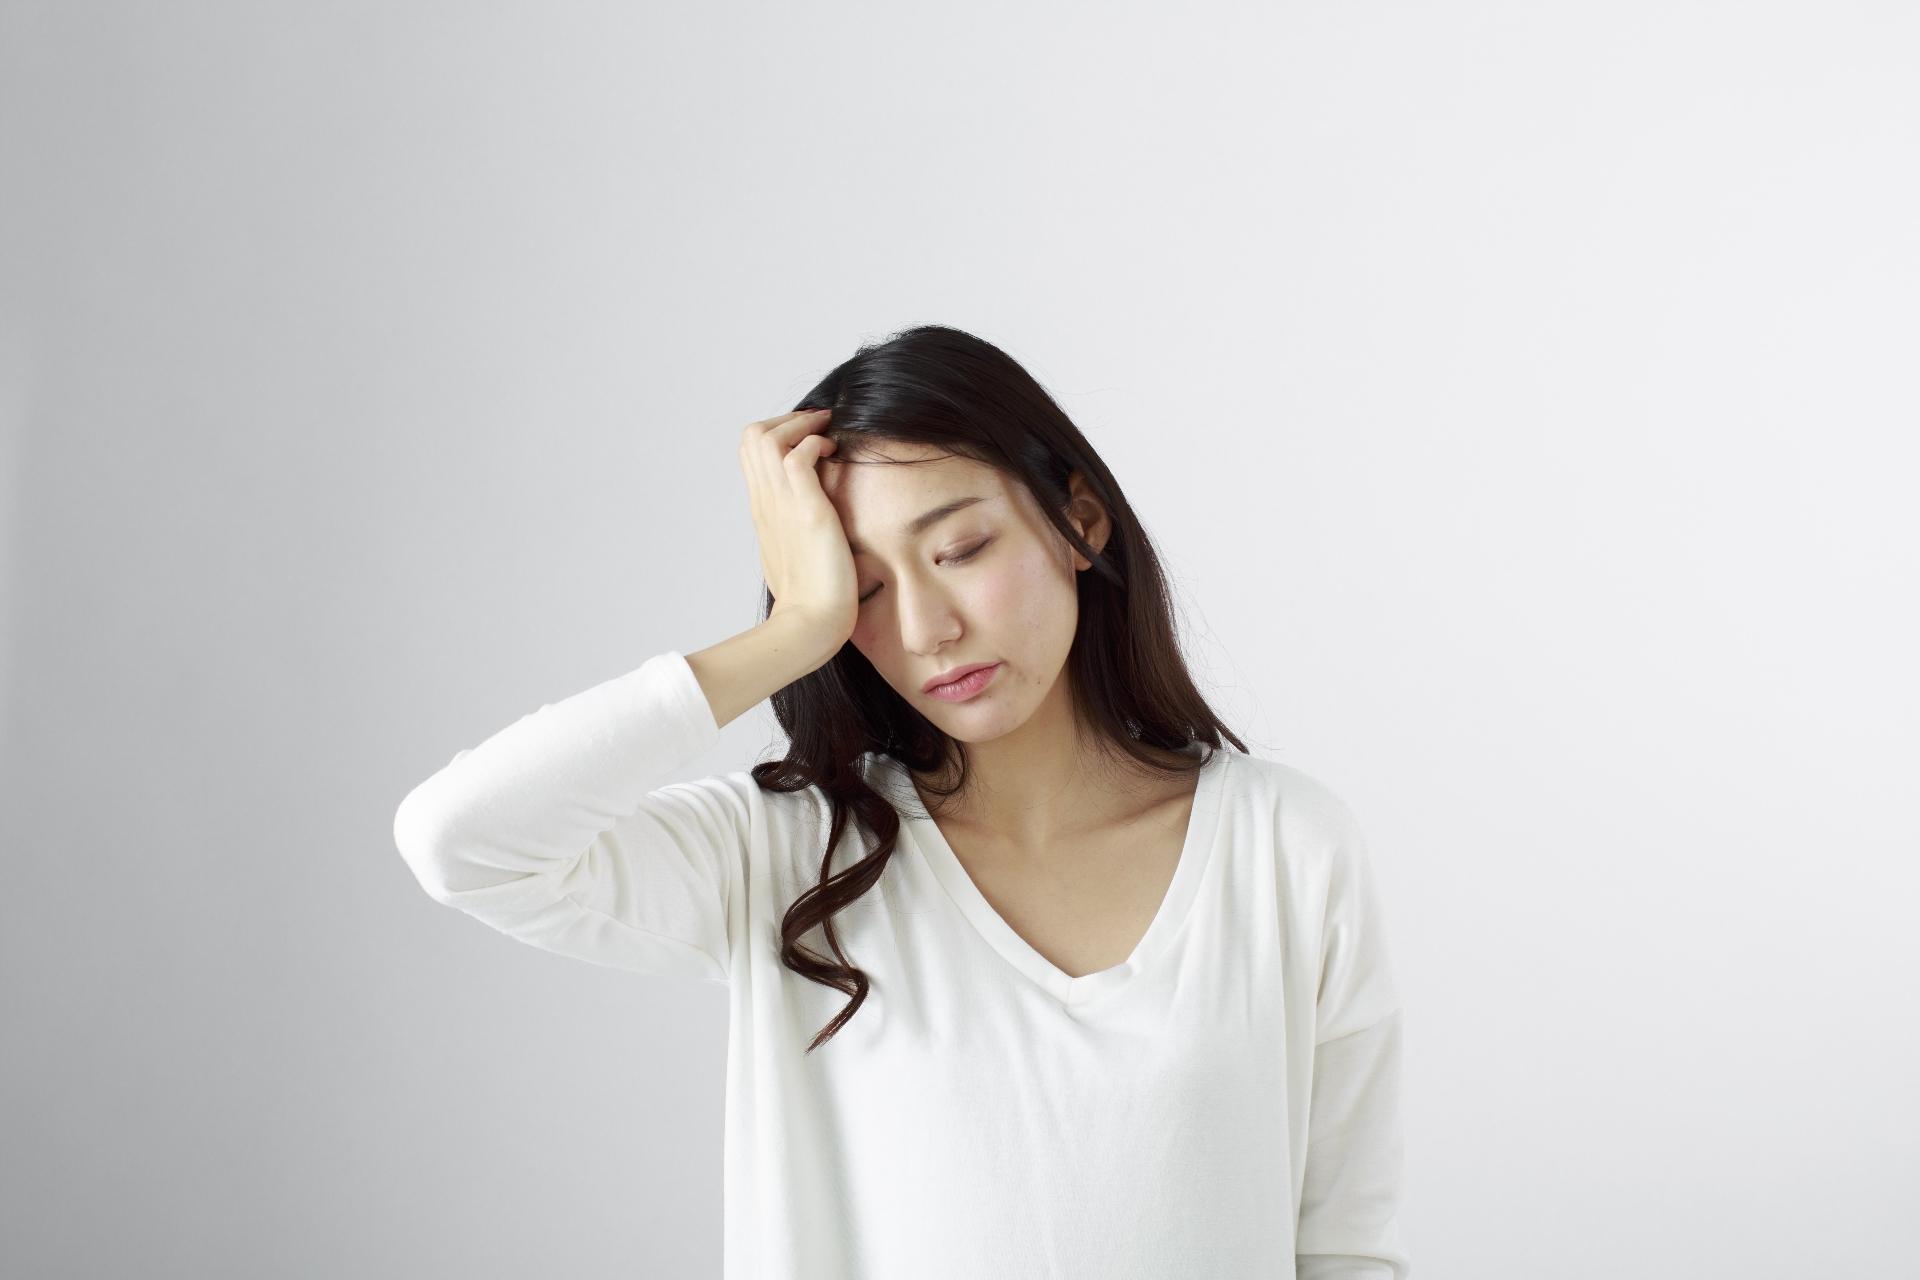 頭痛が右側だけに鈍痛(痛み)として起こる原因は